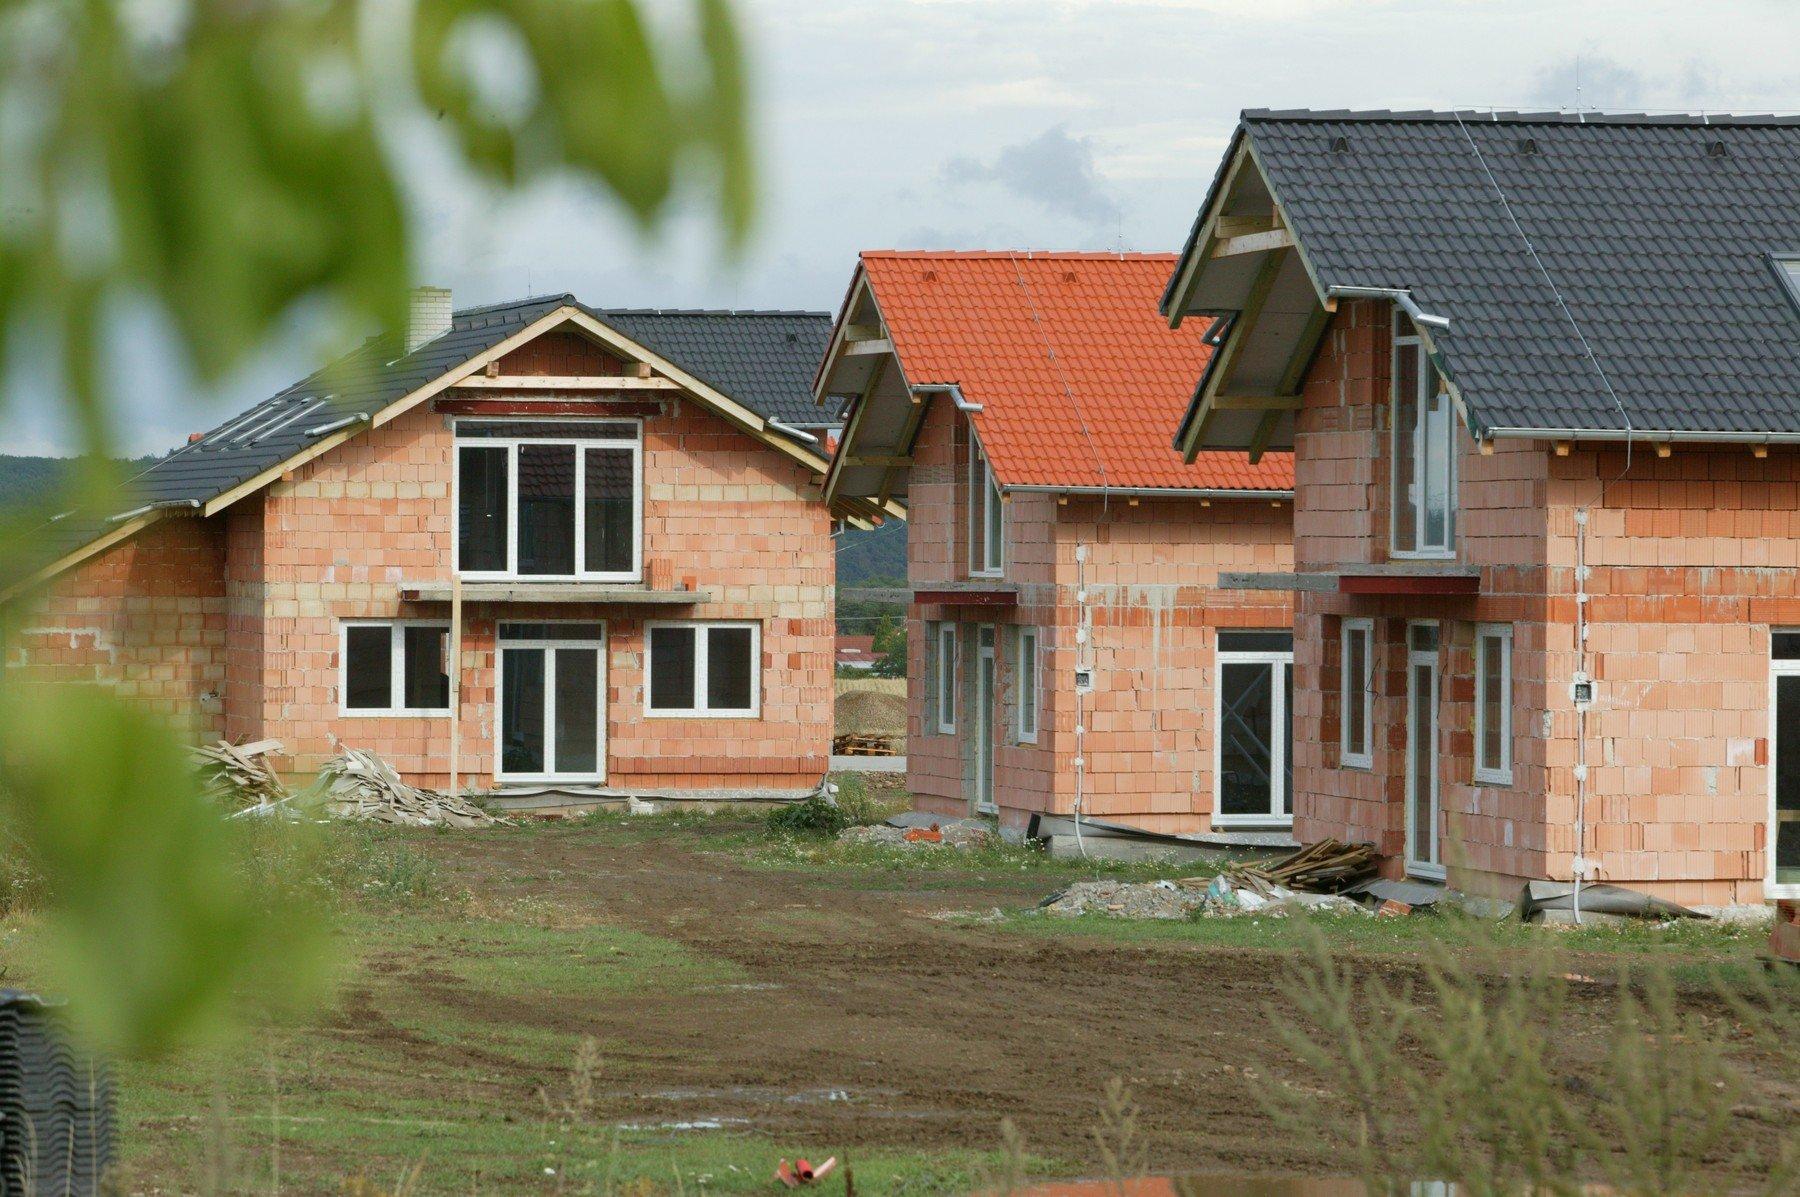 Výstavba rodinných domů (ilustrační foto)